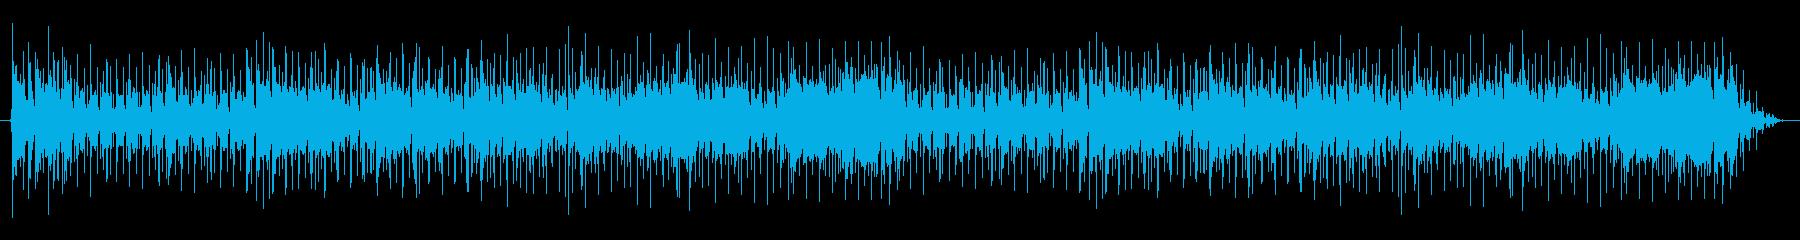 フュージョンギターインストBGMループ曲の再生済みの波形